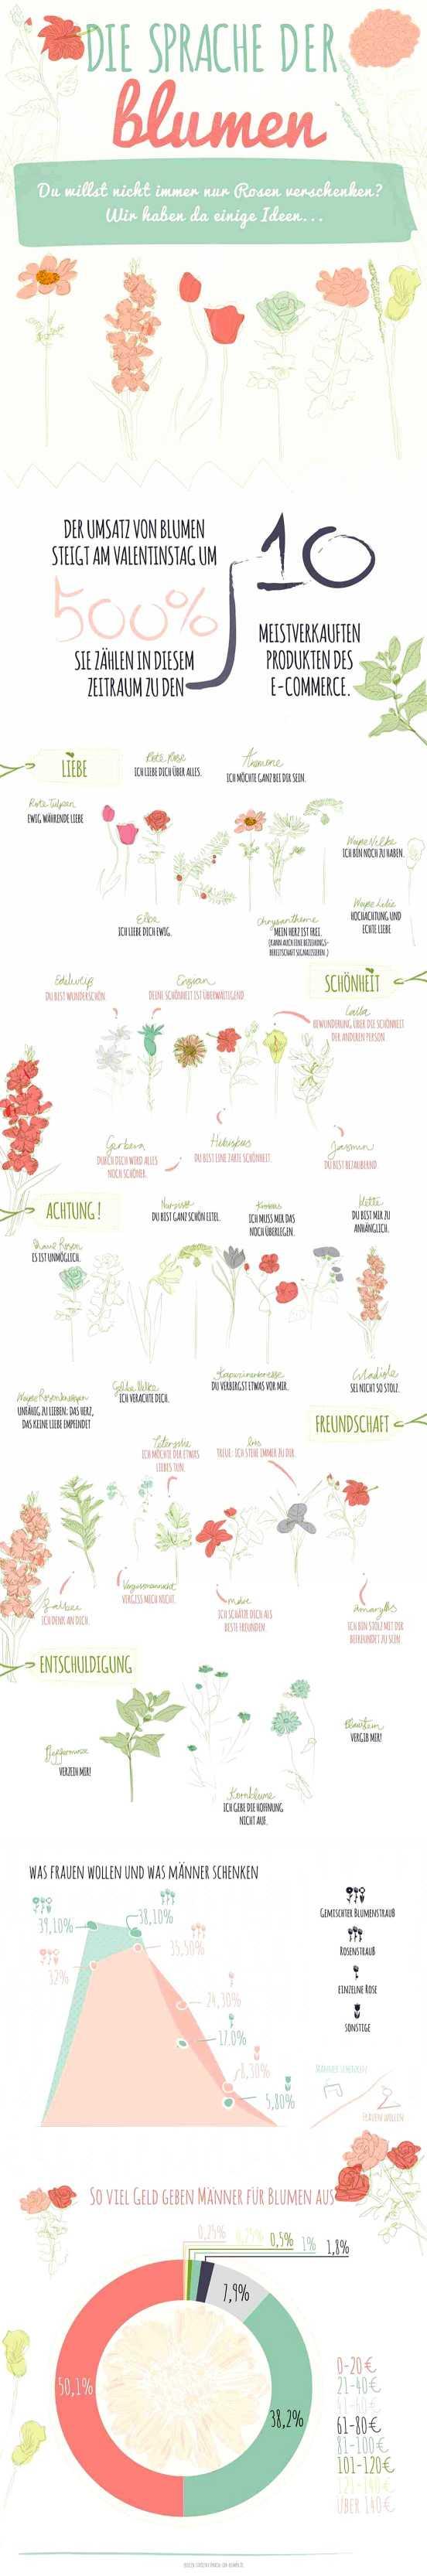 BlumenSpracheValentinstag